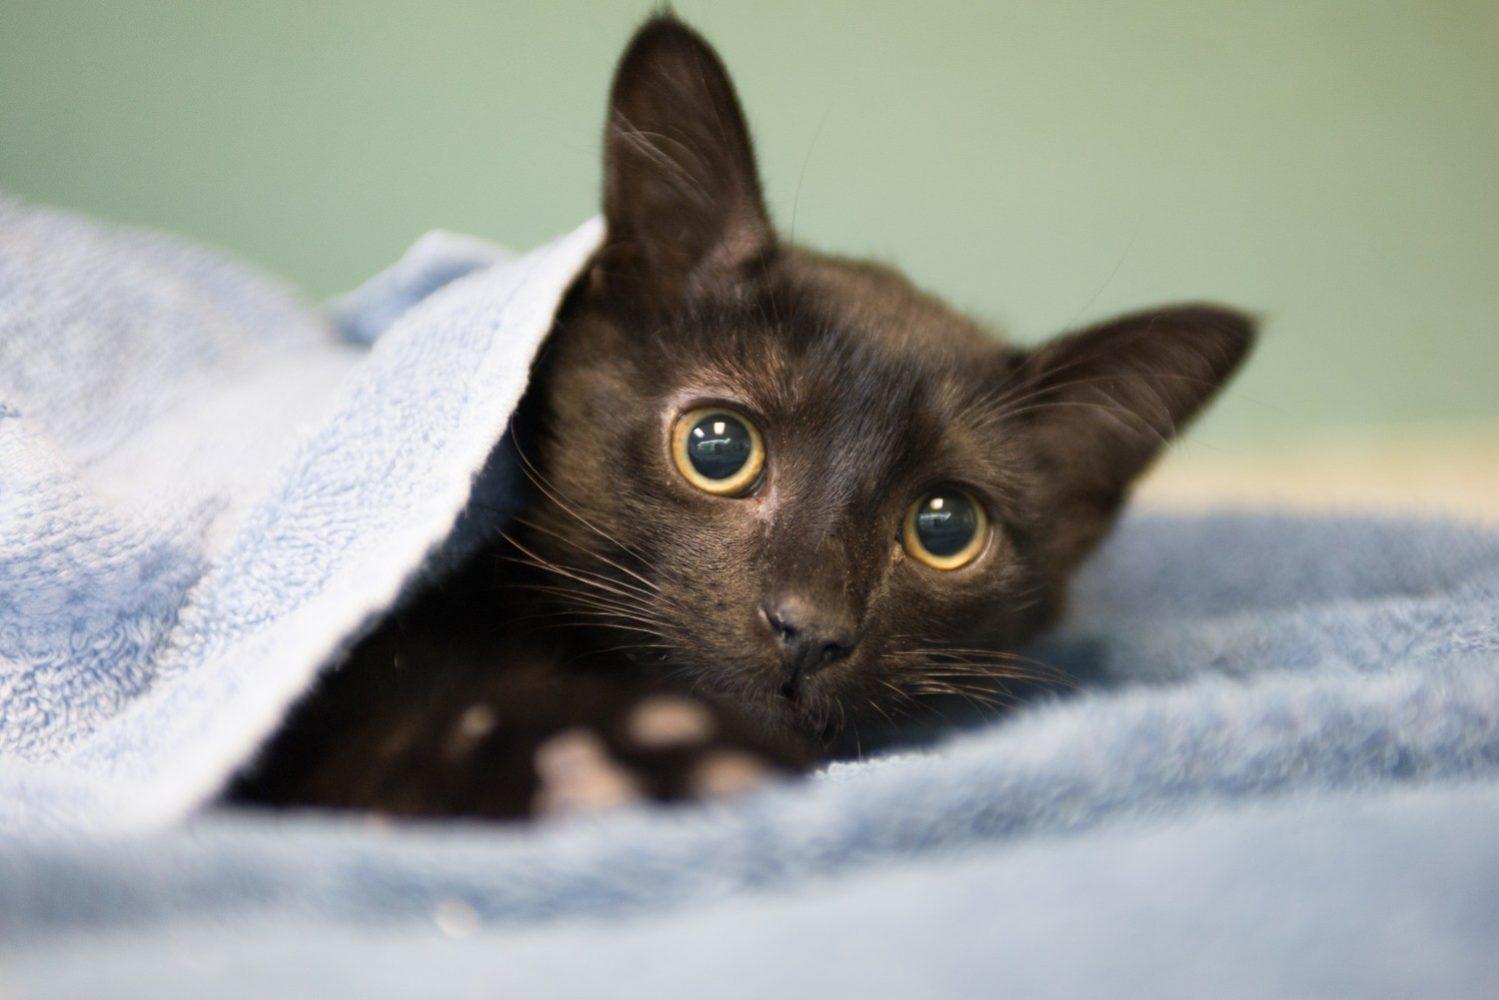 Стерилизация кошки: виды, методы, плюсы и минусы, послеоперационный уход и выздоровление